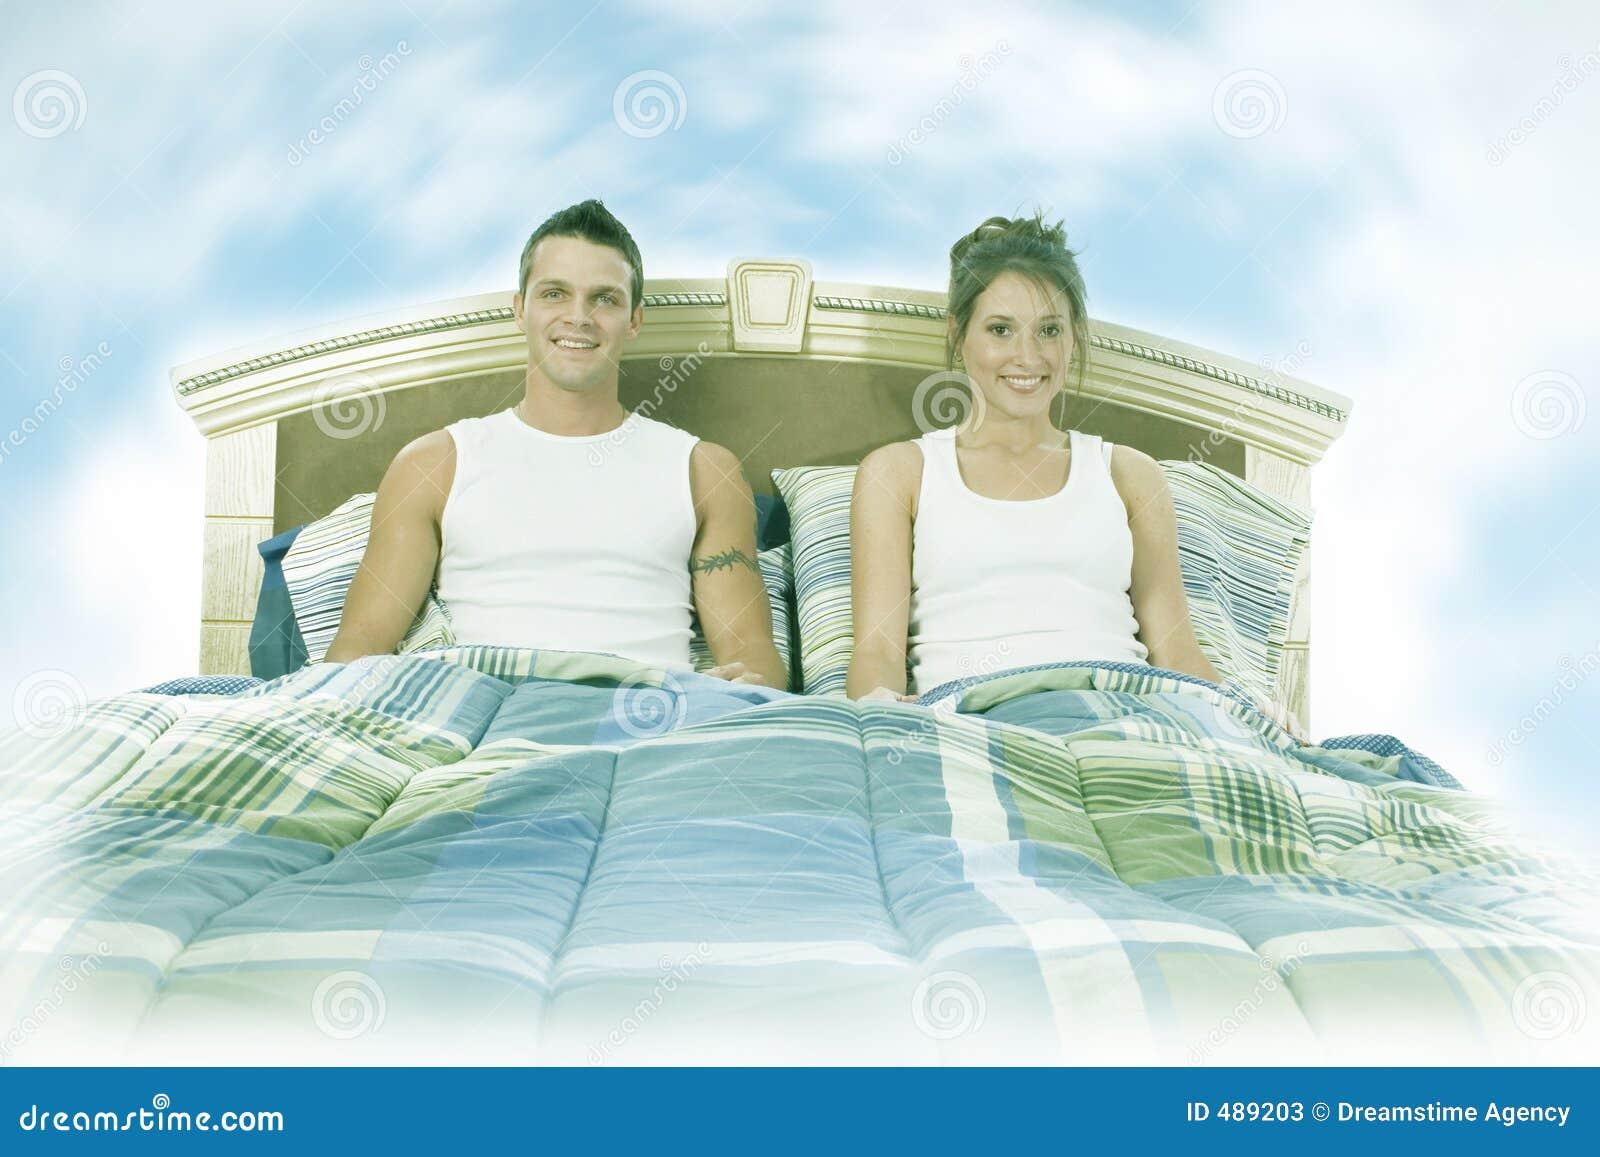 Gewaltig Traum Schlafzimmer Dekoration Von Traumschlafzimmer